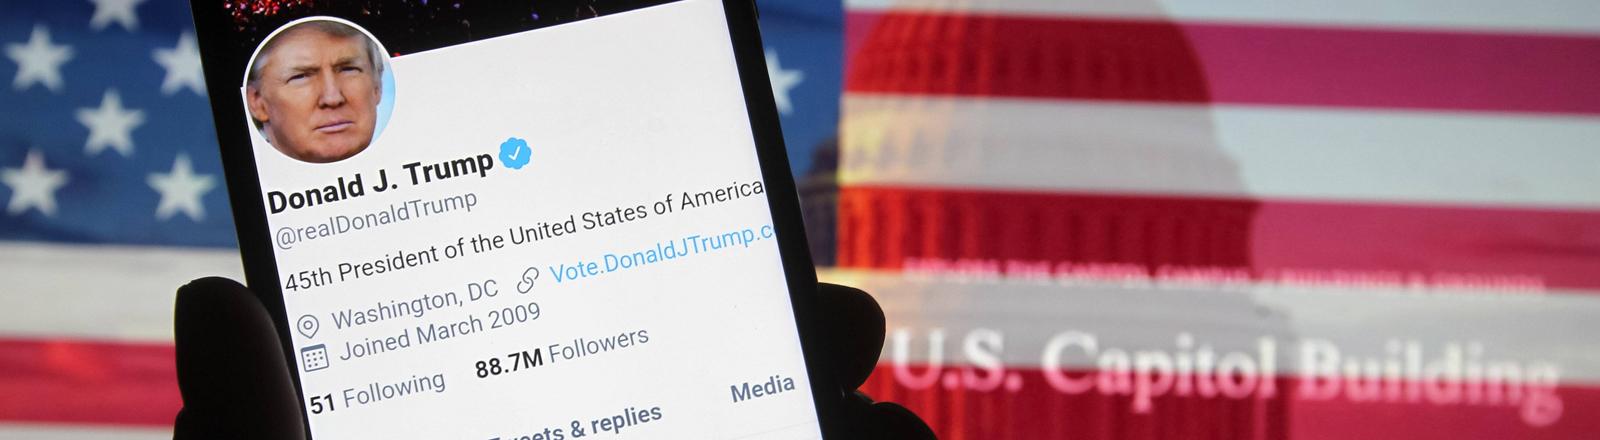 Ein Handy mit dem Twitter-Account von Donald Trump vor der US-Flagge.